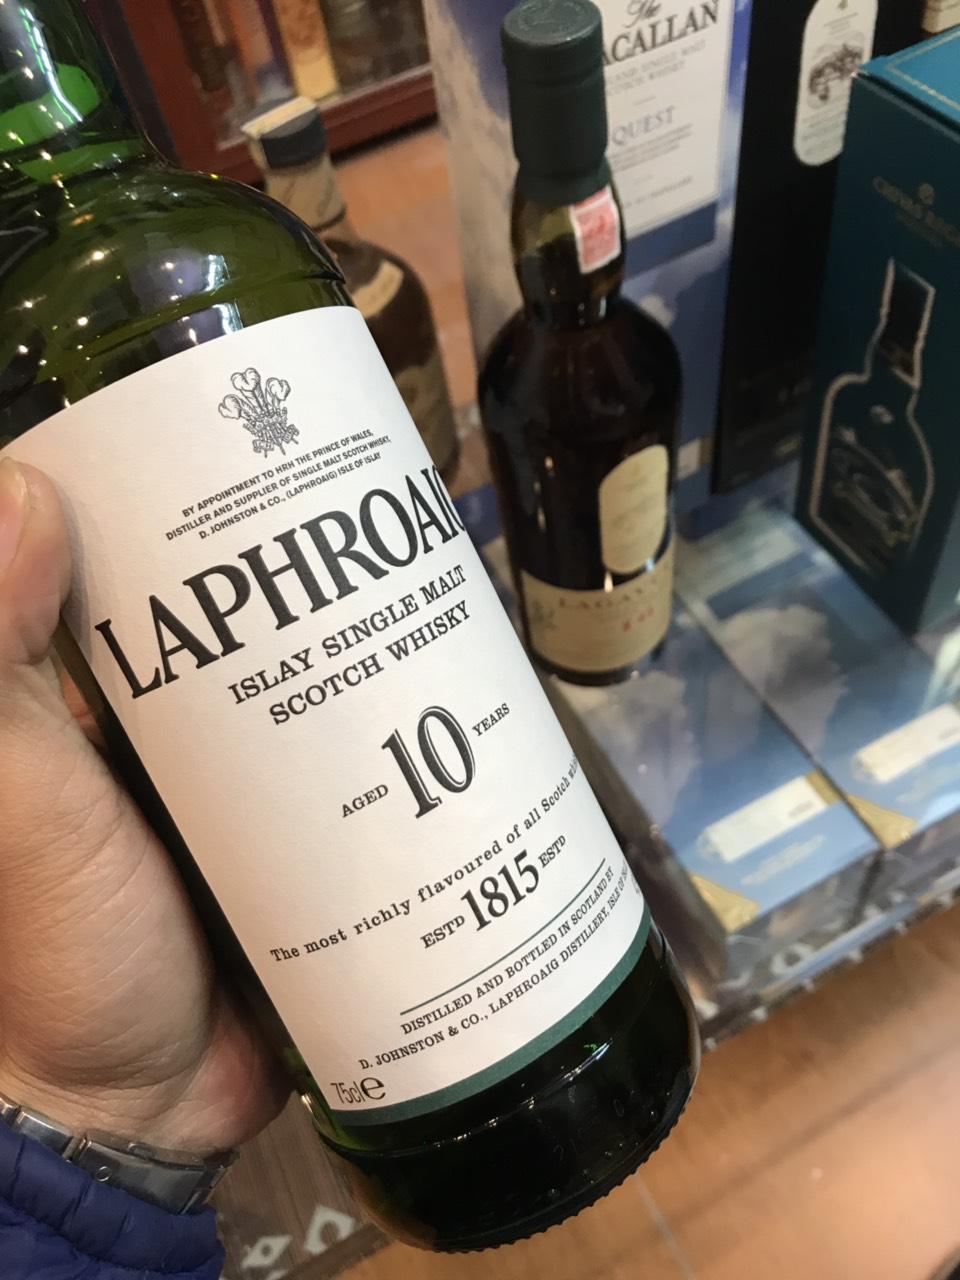 Laphroaig 10 nam 2